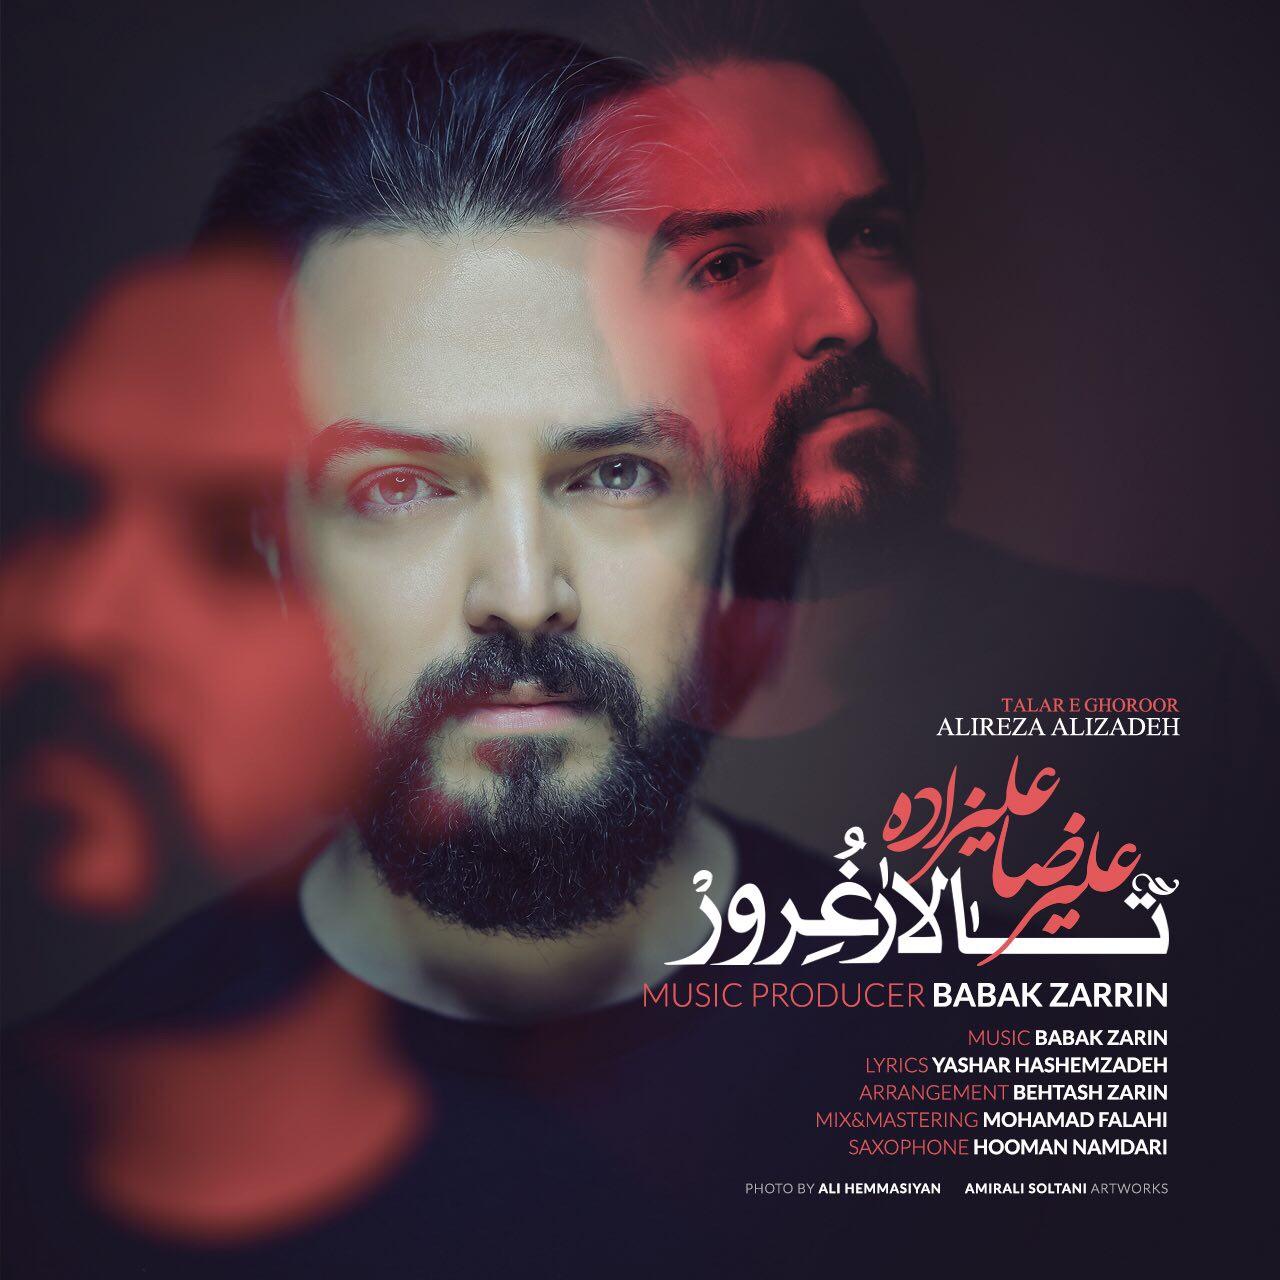 دانلود آهنگ جدید علیرضا علیزاده بنام تالار غرور